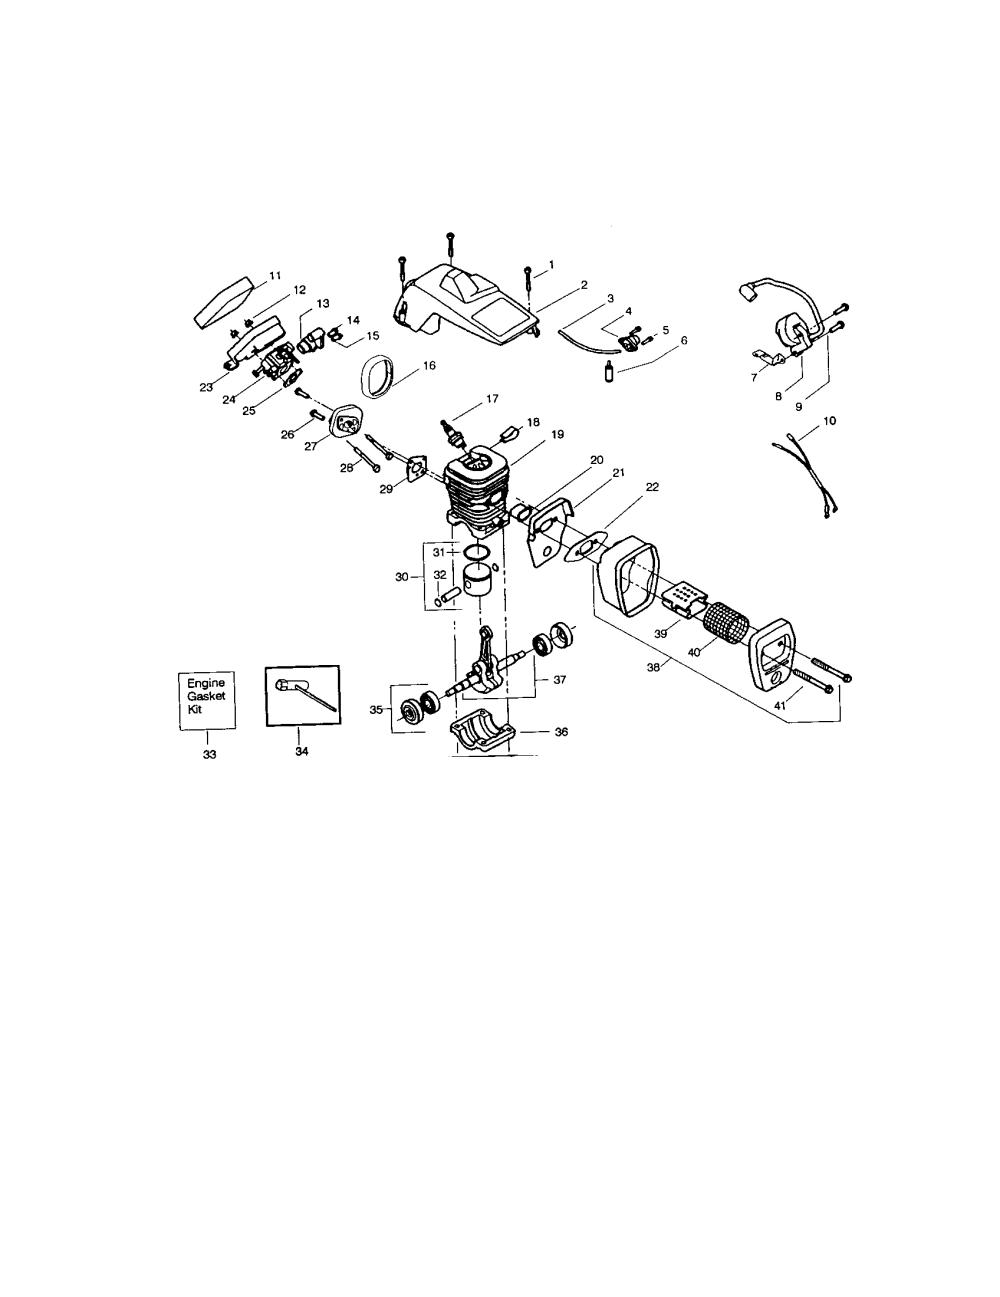 medium resolution of craftsman 358360100 crankcase diagram